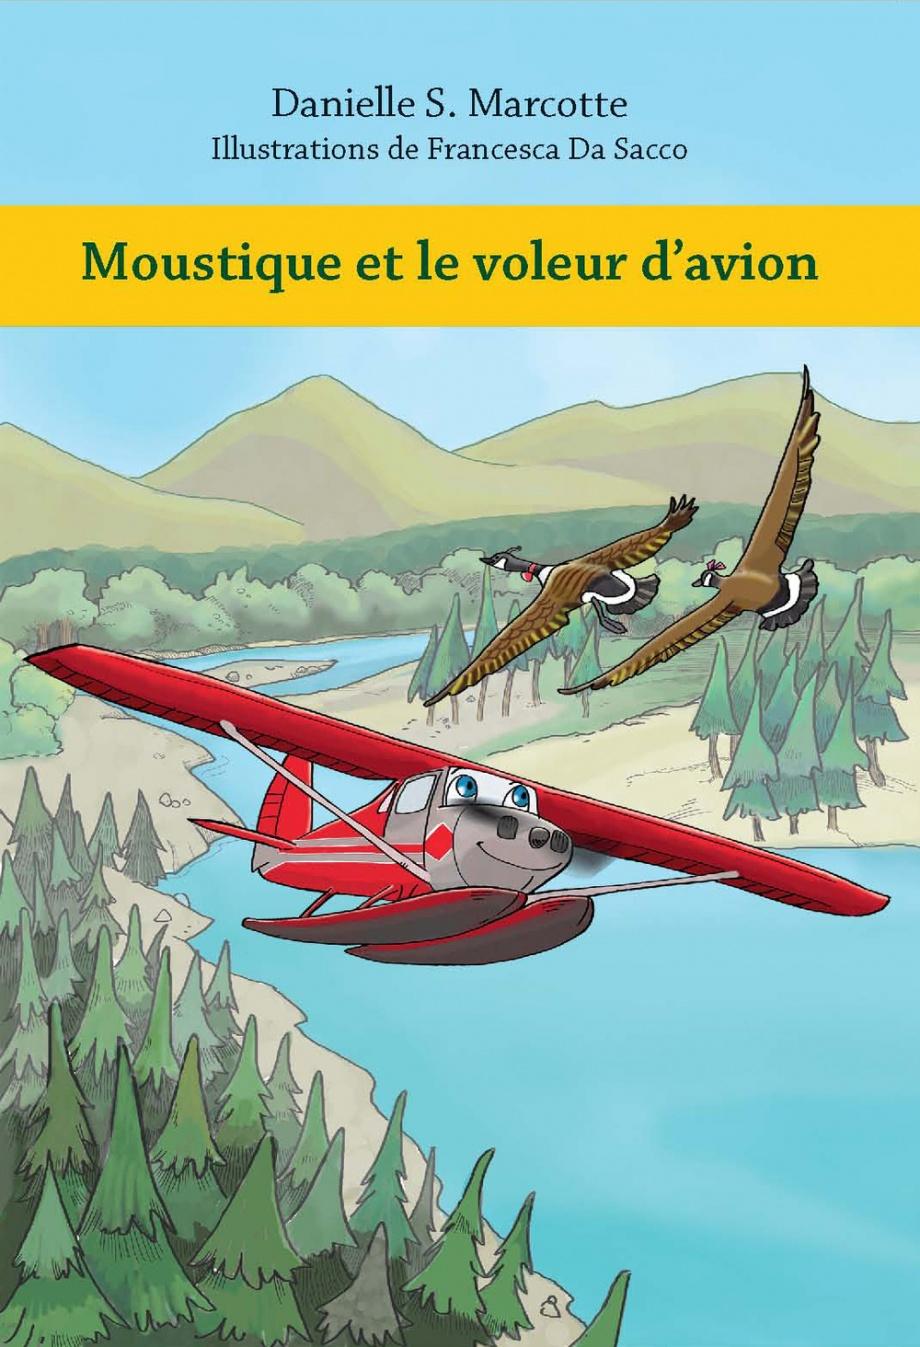 Moustique et le voleur d'avion